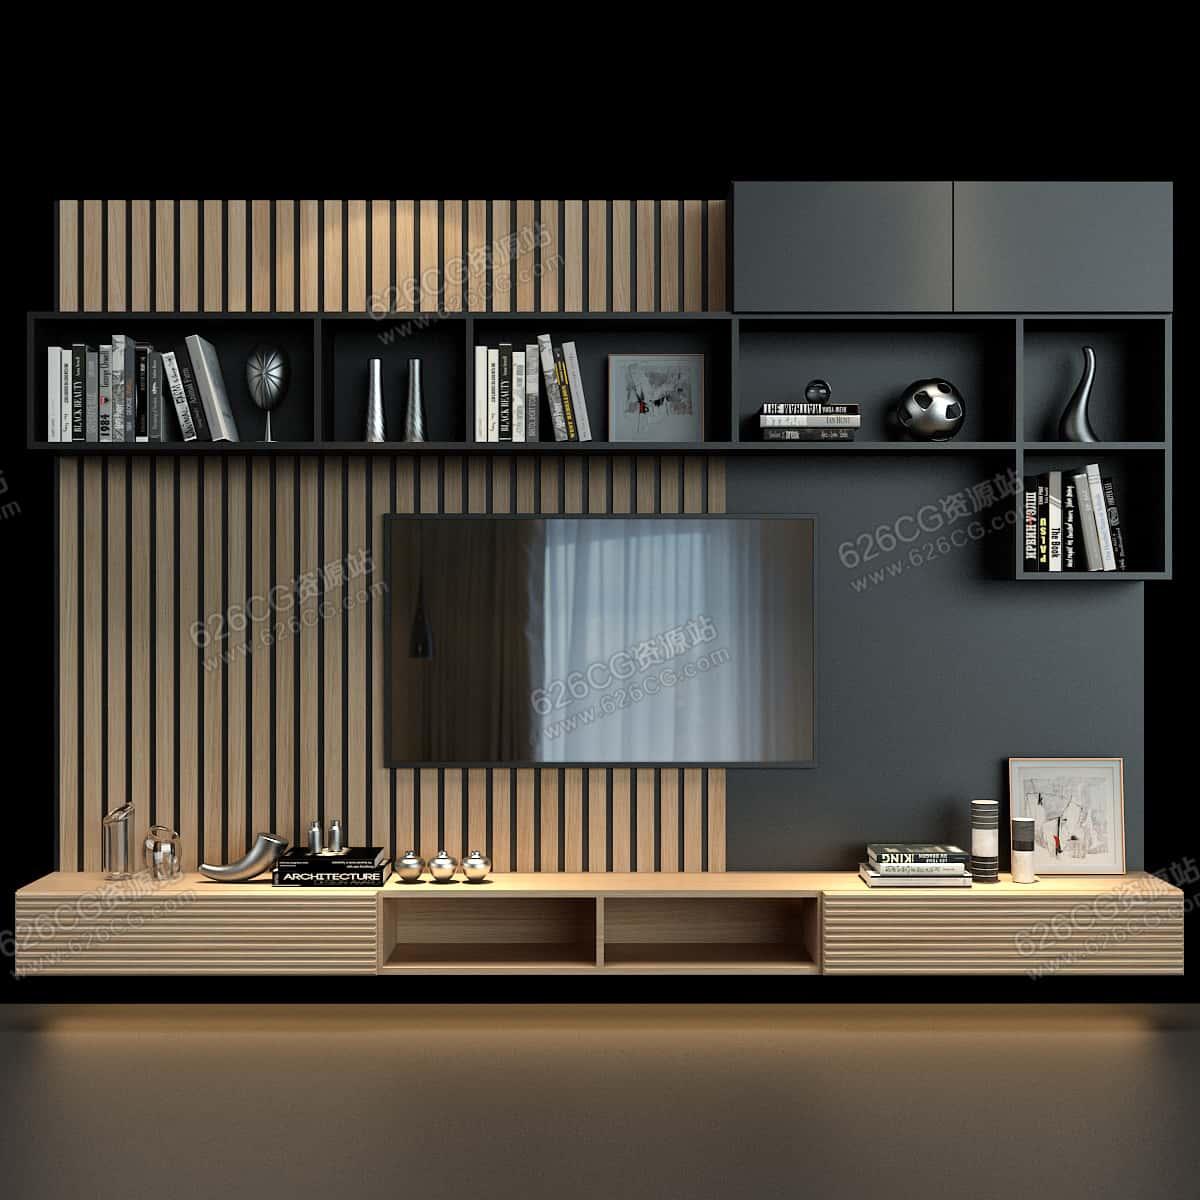 三维模型:高档木格栅背景墙客厅电视墙客厅置物架电视柜置物架 626CG资源站